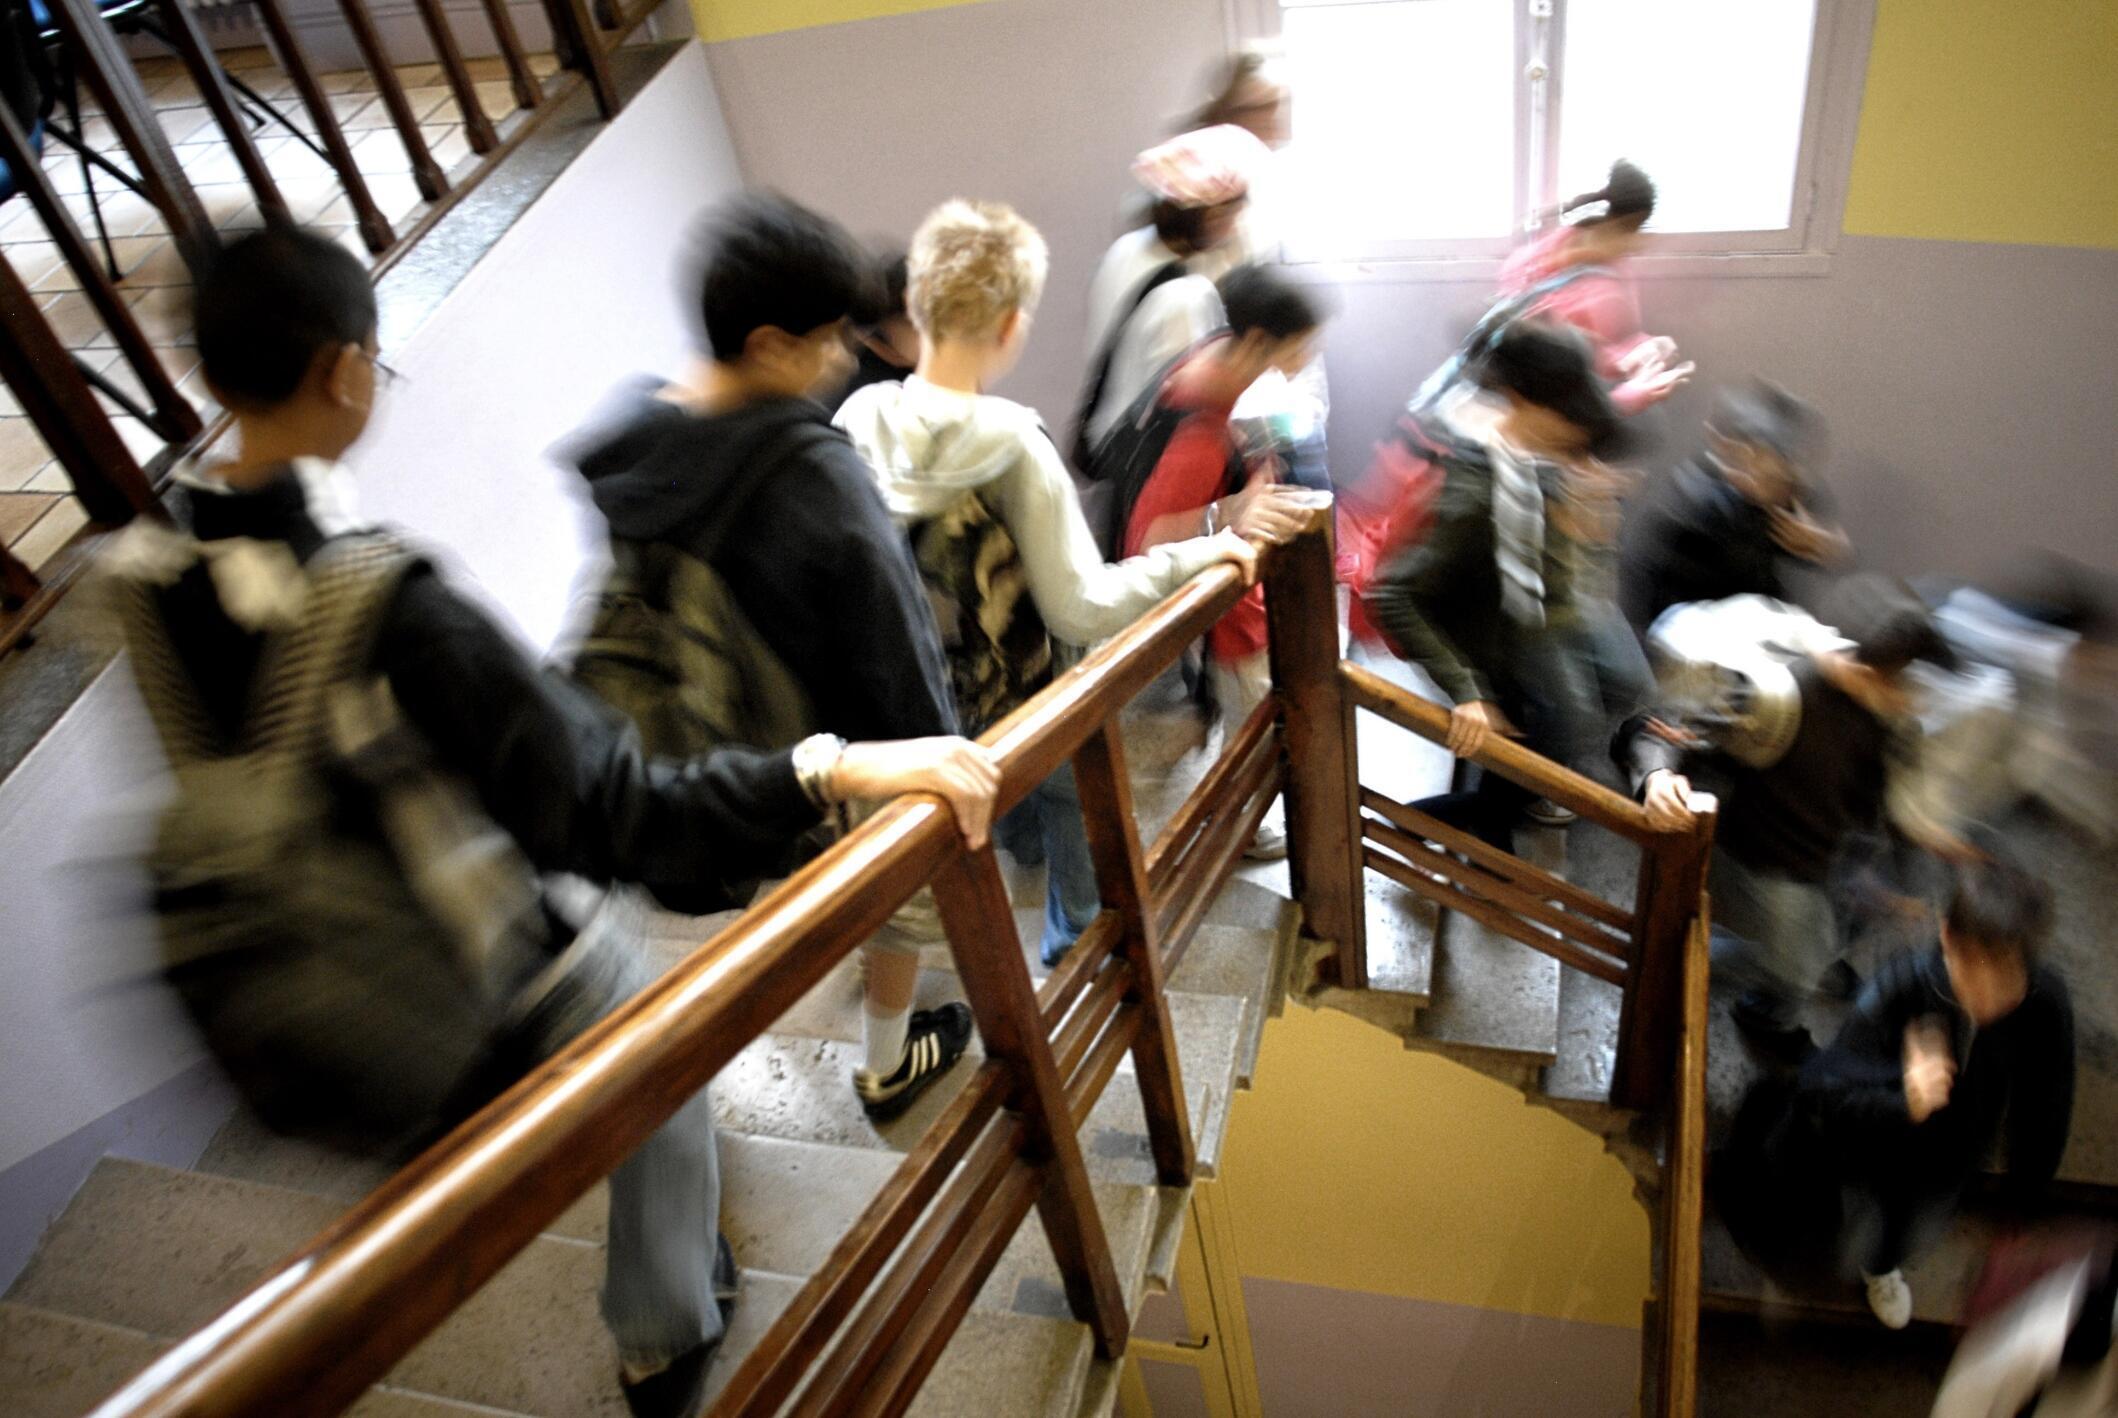 En cette rentrée 2018, 340 000 élèves en situation de handicap sont scolarisés dans des établissements relevant du ministère de l'Education nationale, c'est 20 000 de plus que l'an dernier. (Photo d'illustration)